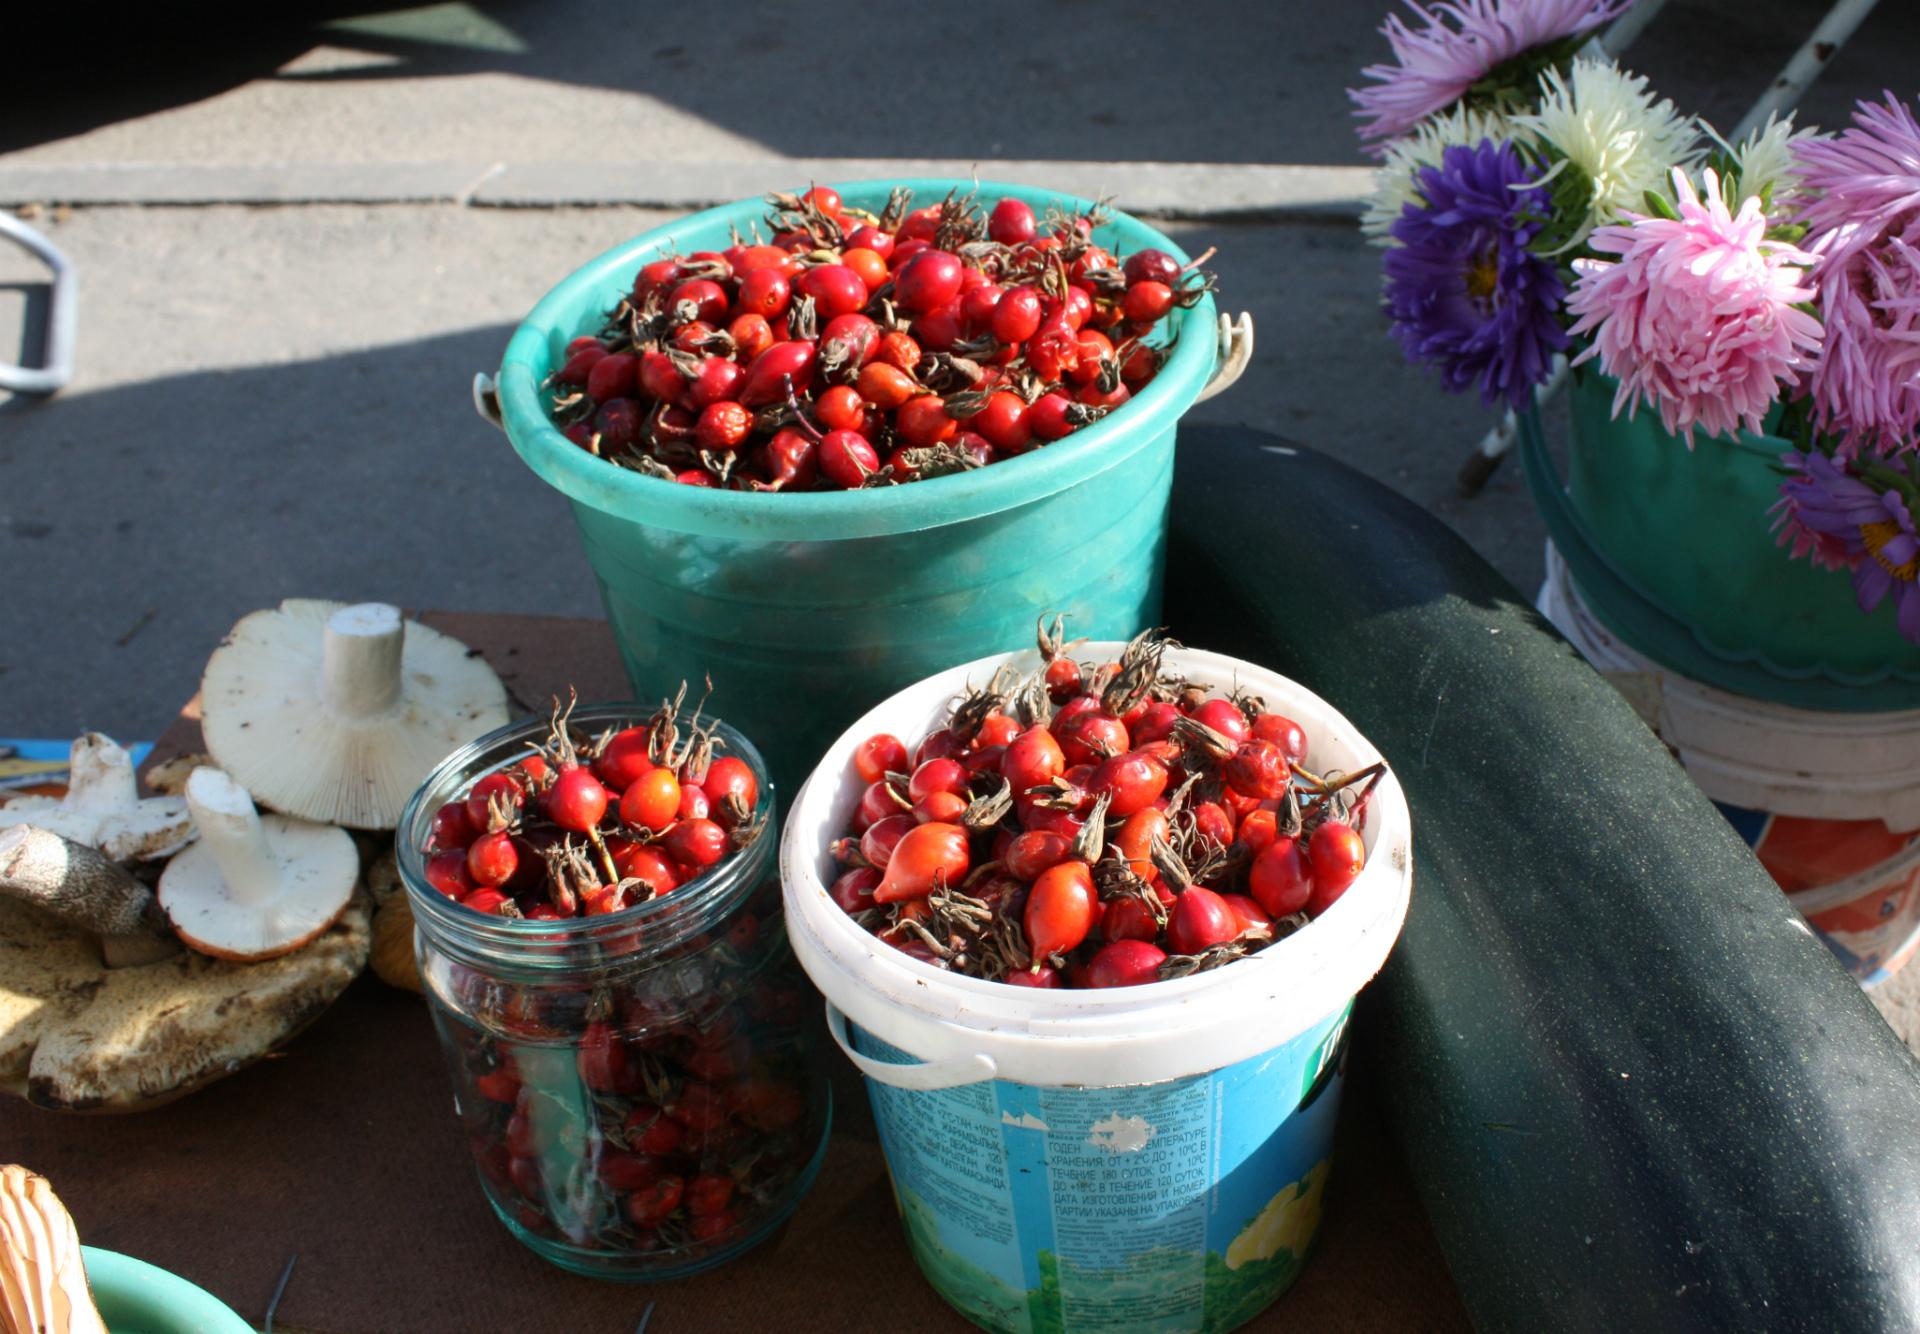 Плоды шиповника — кладезь полезных витаминов, особенно богат он на витамин С